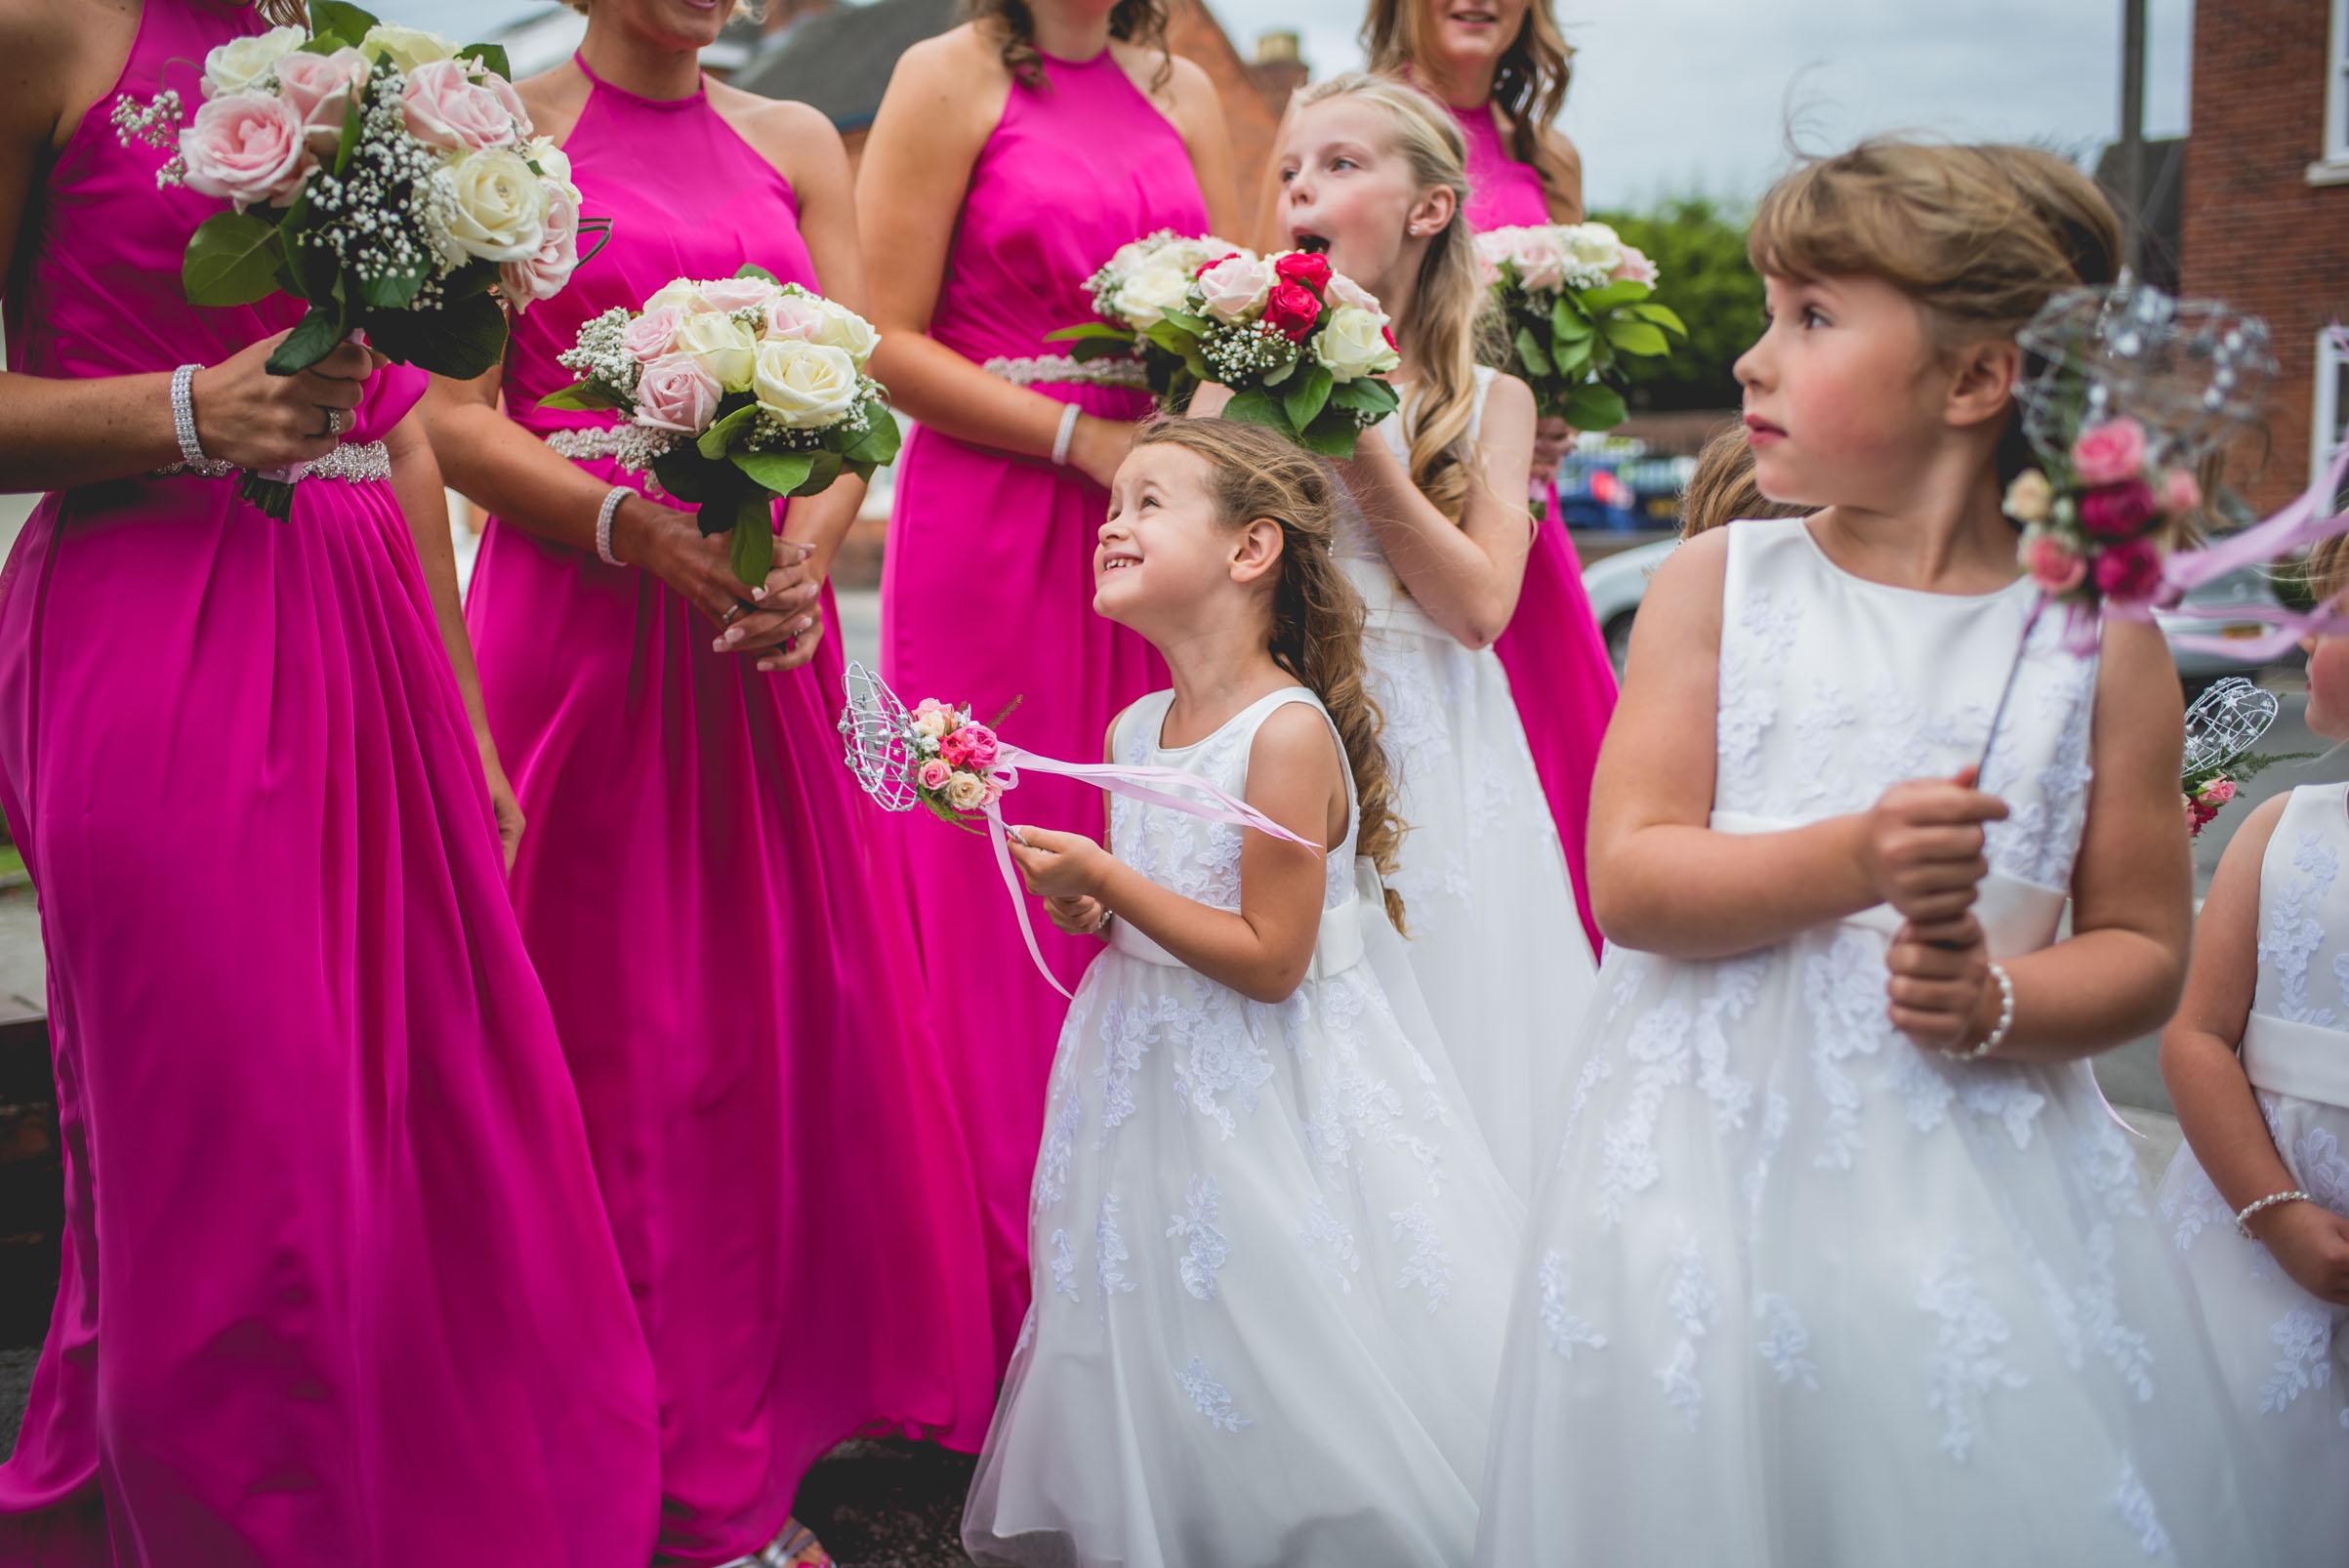 Farm-wedding-staffordshire-st-marys-catholic-church-uttoxter-17.jpg